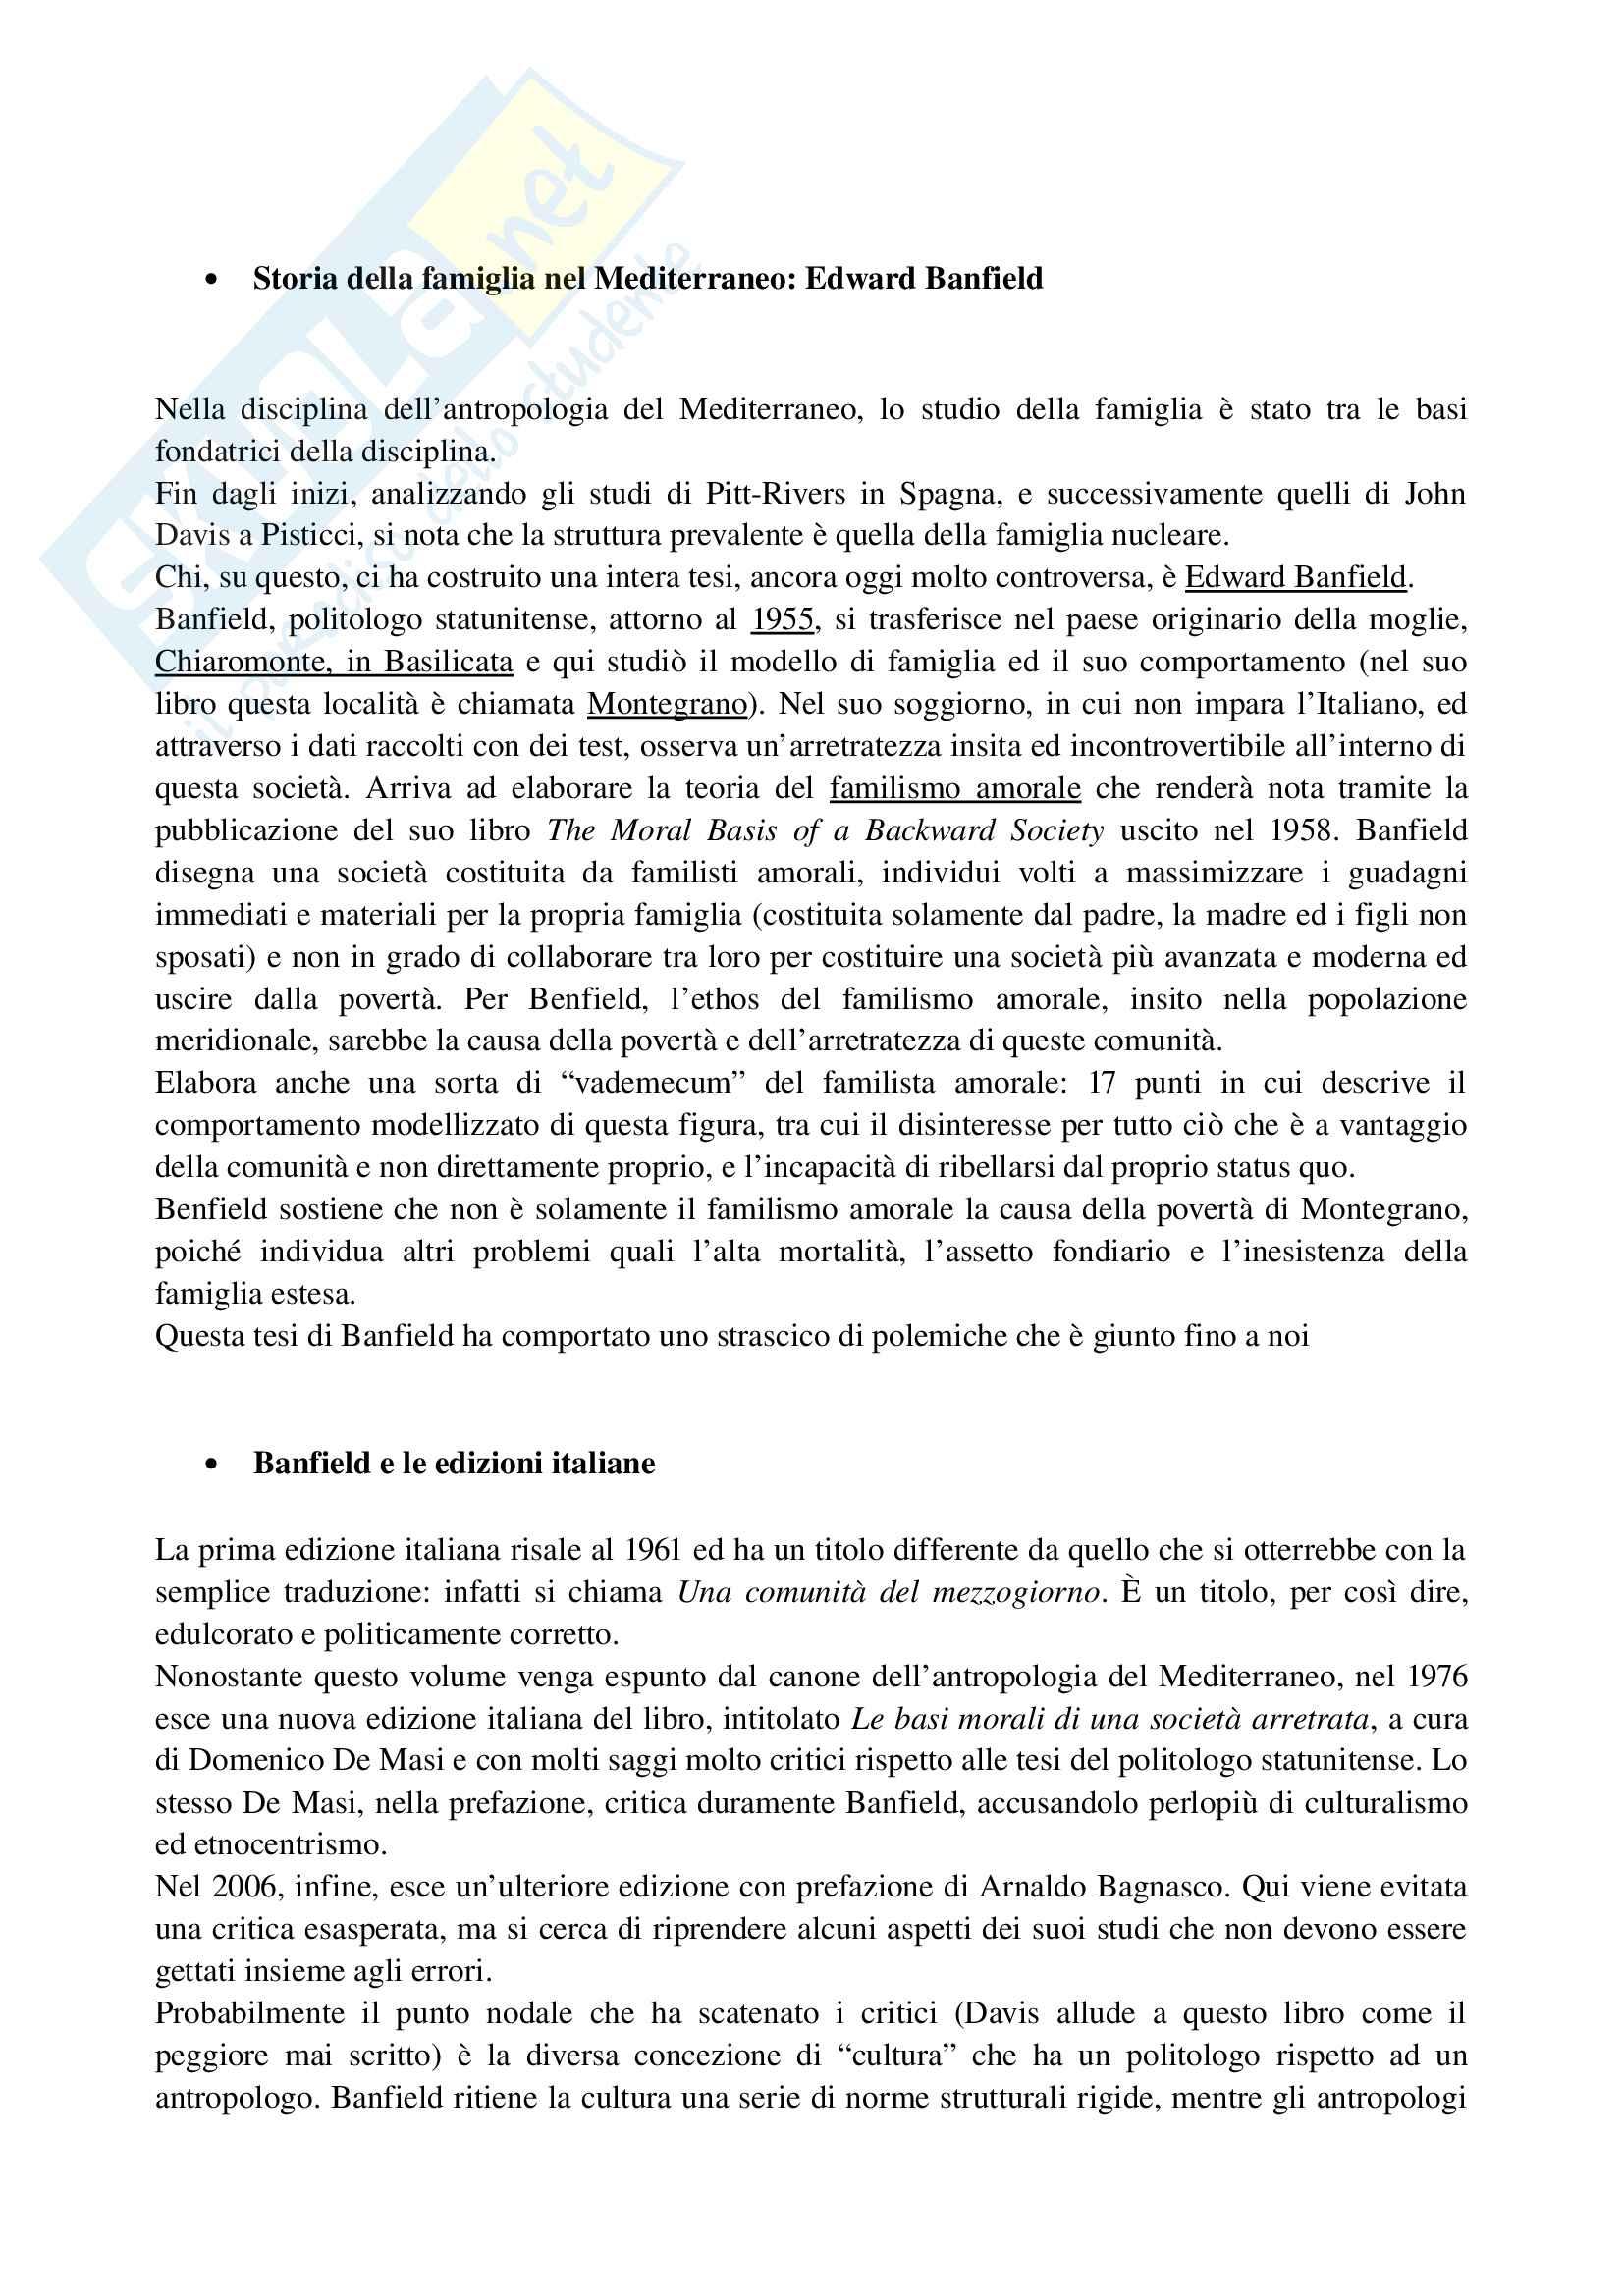 Appunti di Storia della famiglia nel Mediterraneo (riassunto teorie di Banfield, Laslett, Hejnal, Signorelli, Capello)